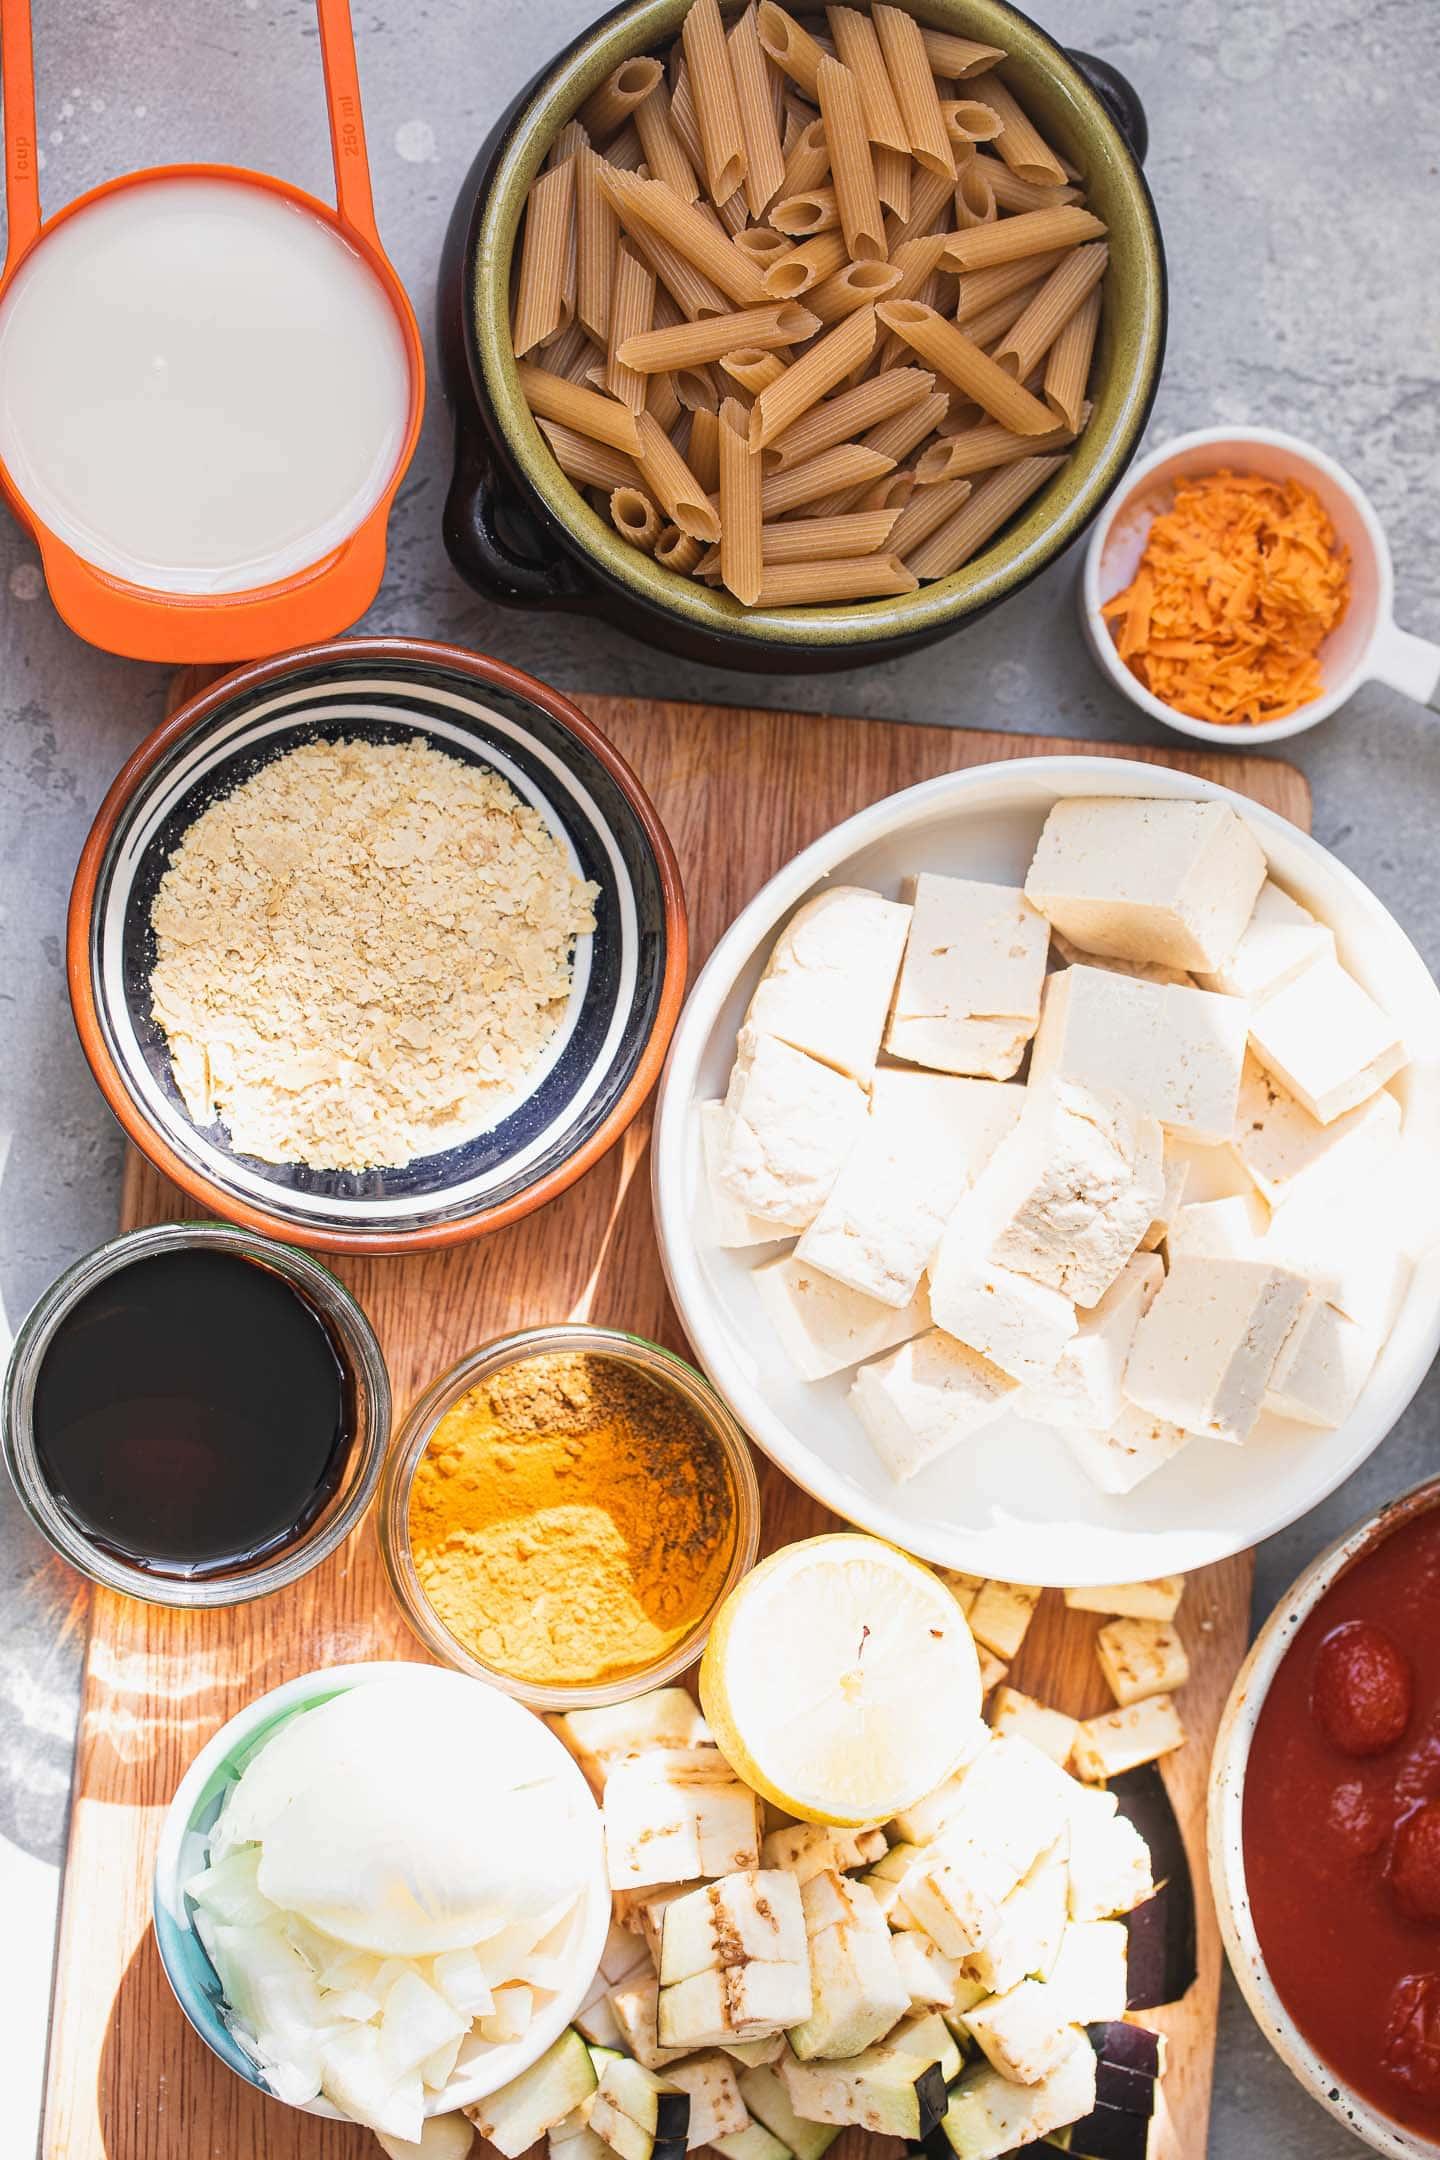 Ingredients for a vegan pasta bake